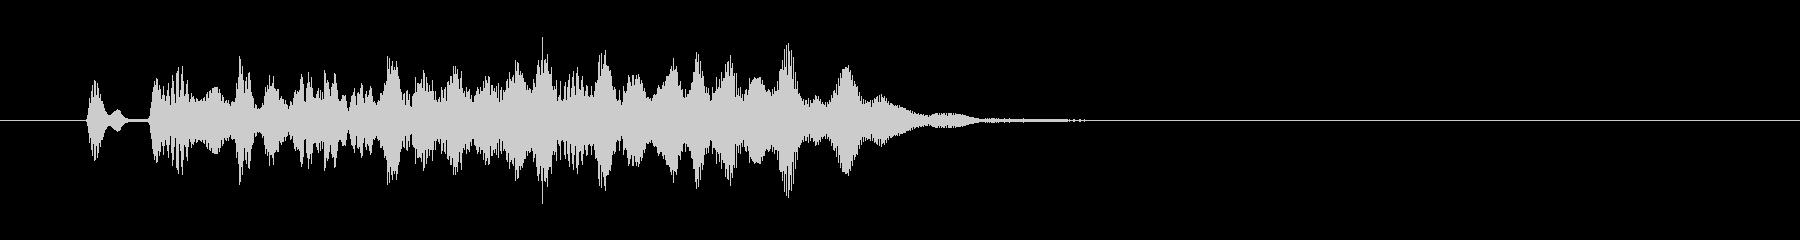 ホワホワホワホワ↑魔法系の効果音の未再生の波形